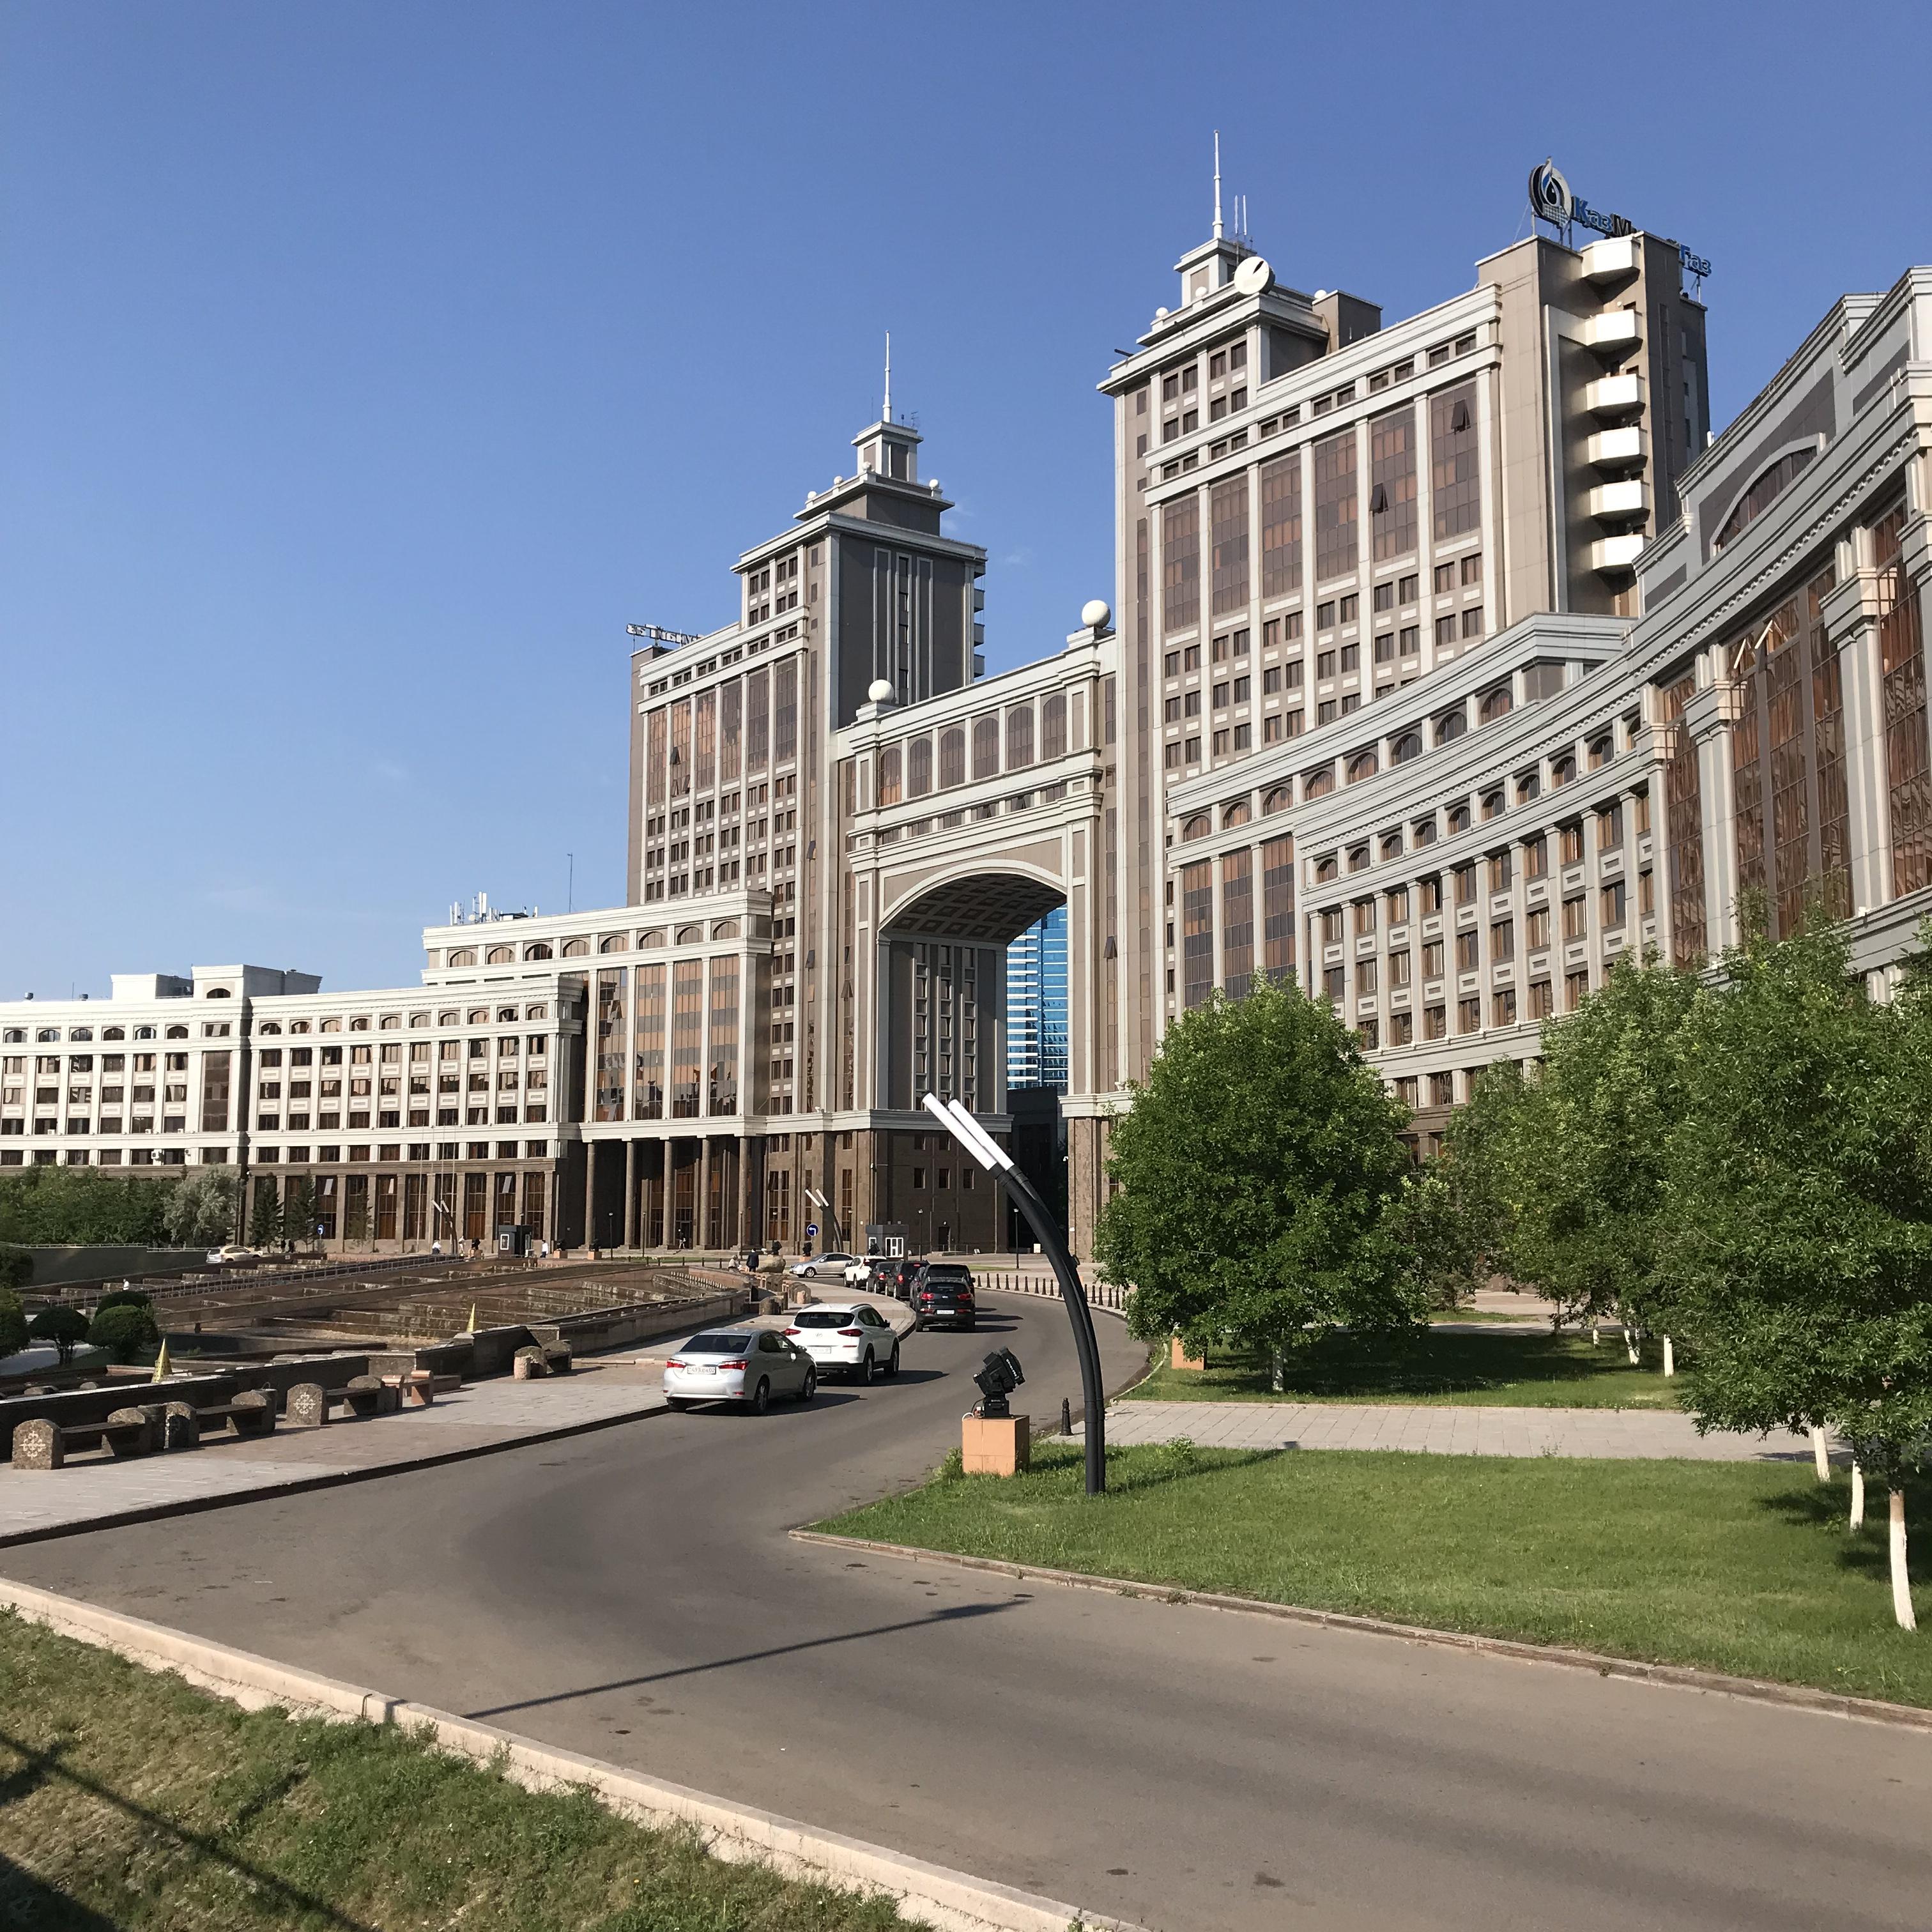 カザフスタンへの一人旅 二日目 朝の散歩 カザフスタンの首都ヌルスルタンの街並み